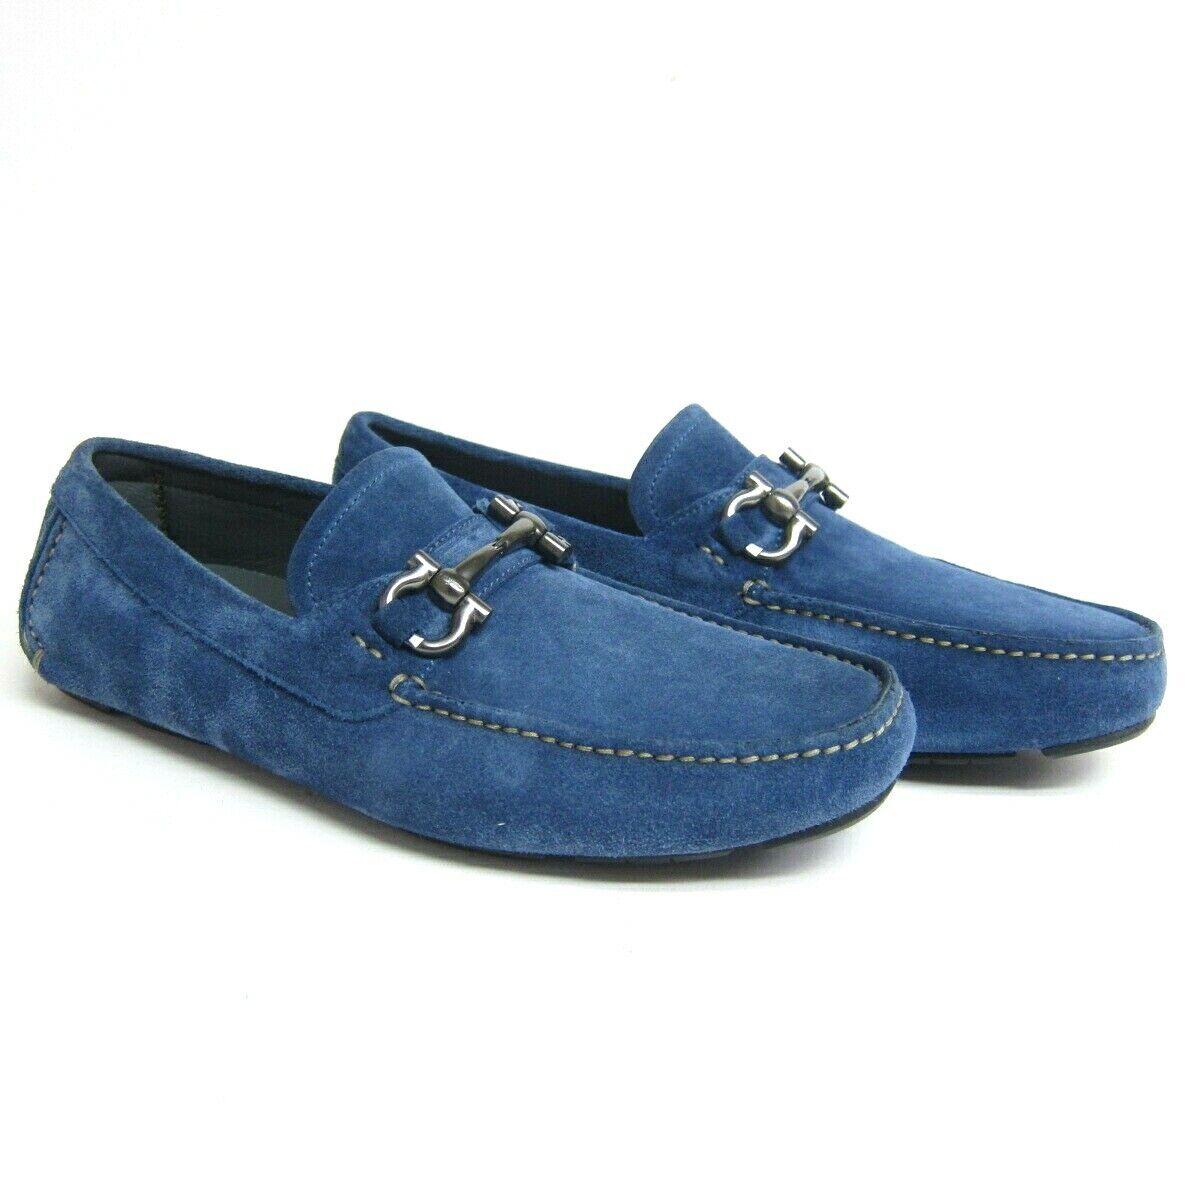 P-872234 Neu Salvatore Ferragamo Parigi Hellblau Wildleder Schuhe Slipper US